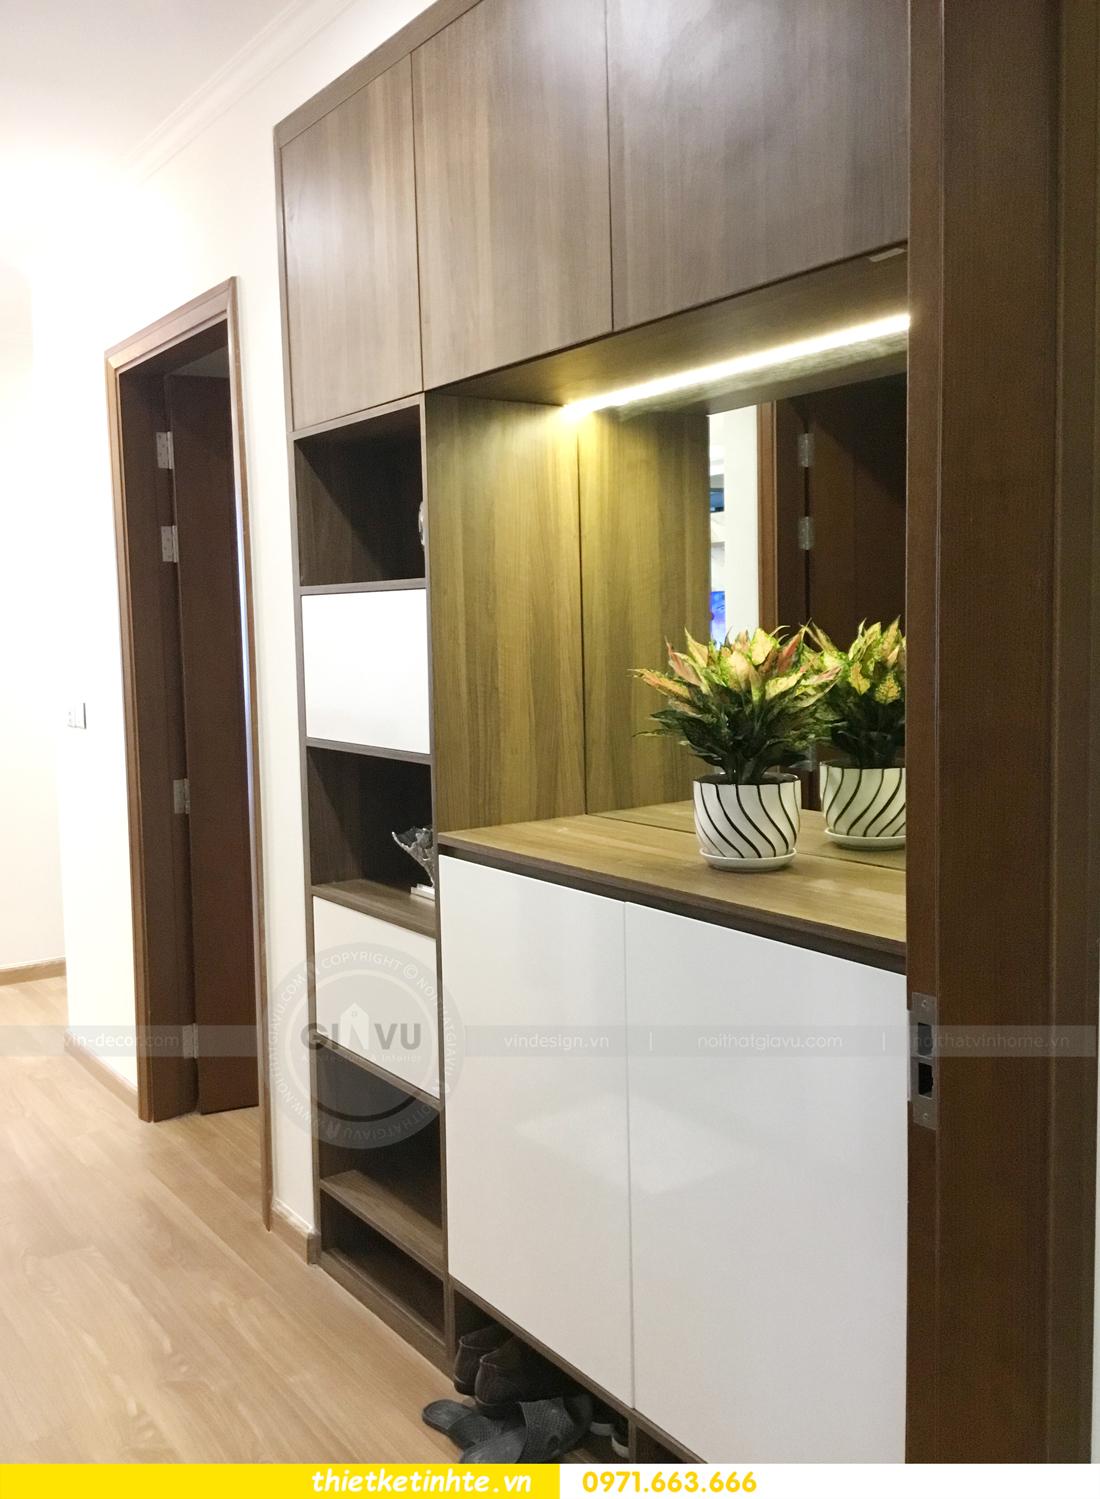 hoàn thiện nội thất chung cư Park Hill P12 căn 21 nhà anh sơn 01